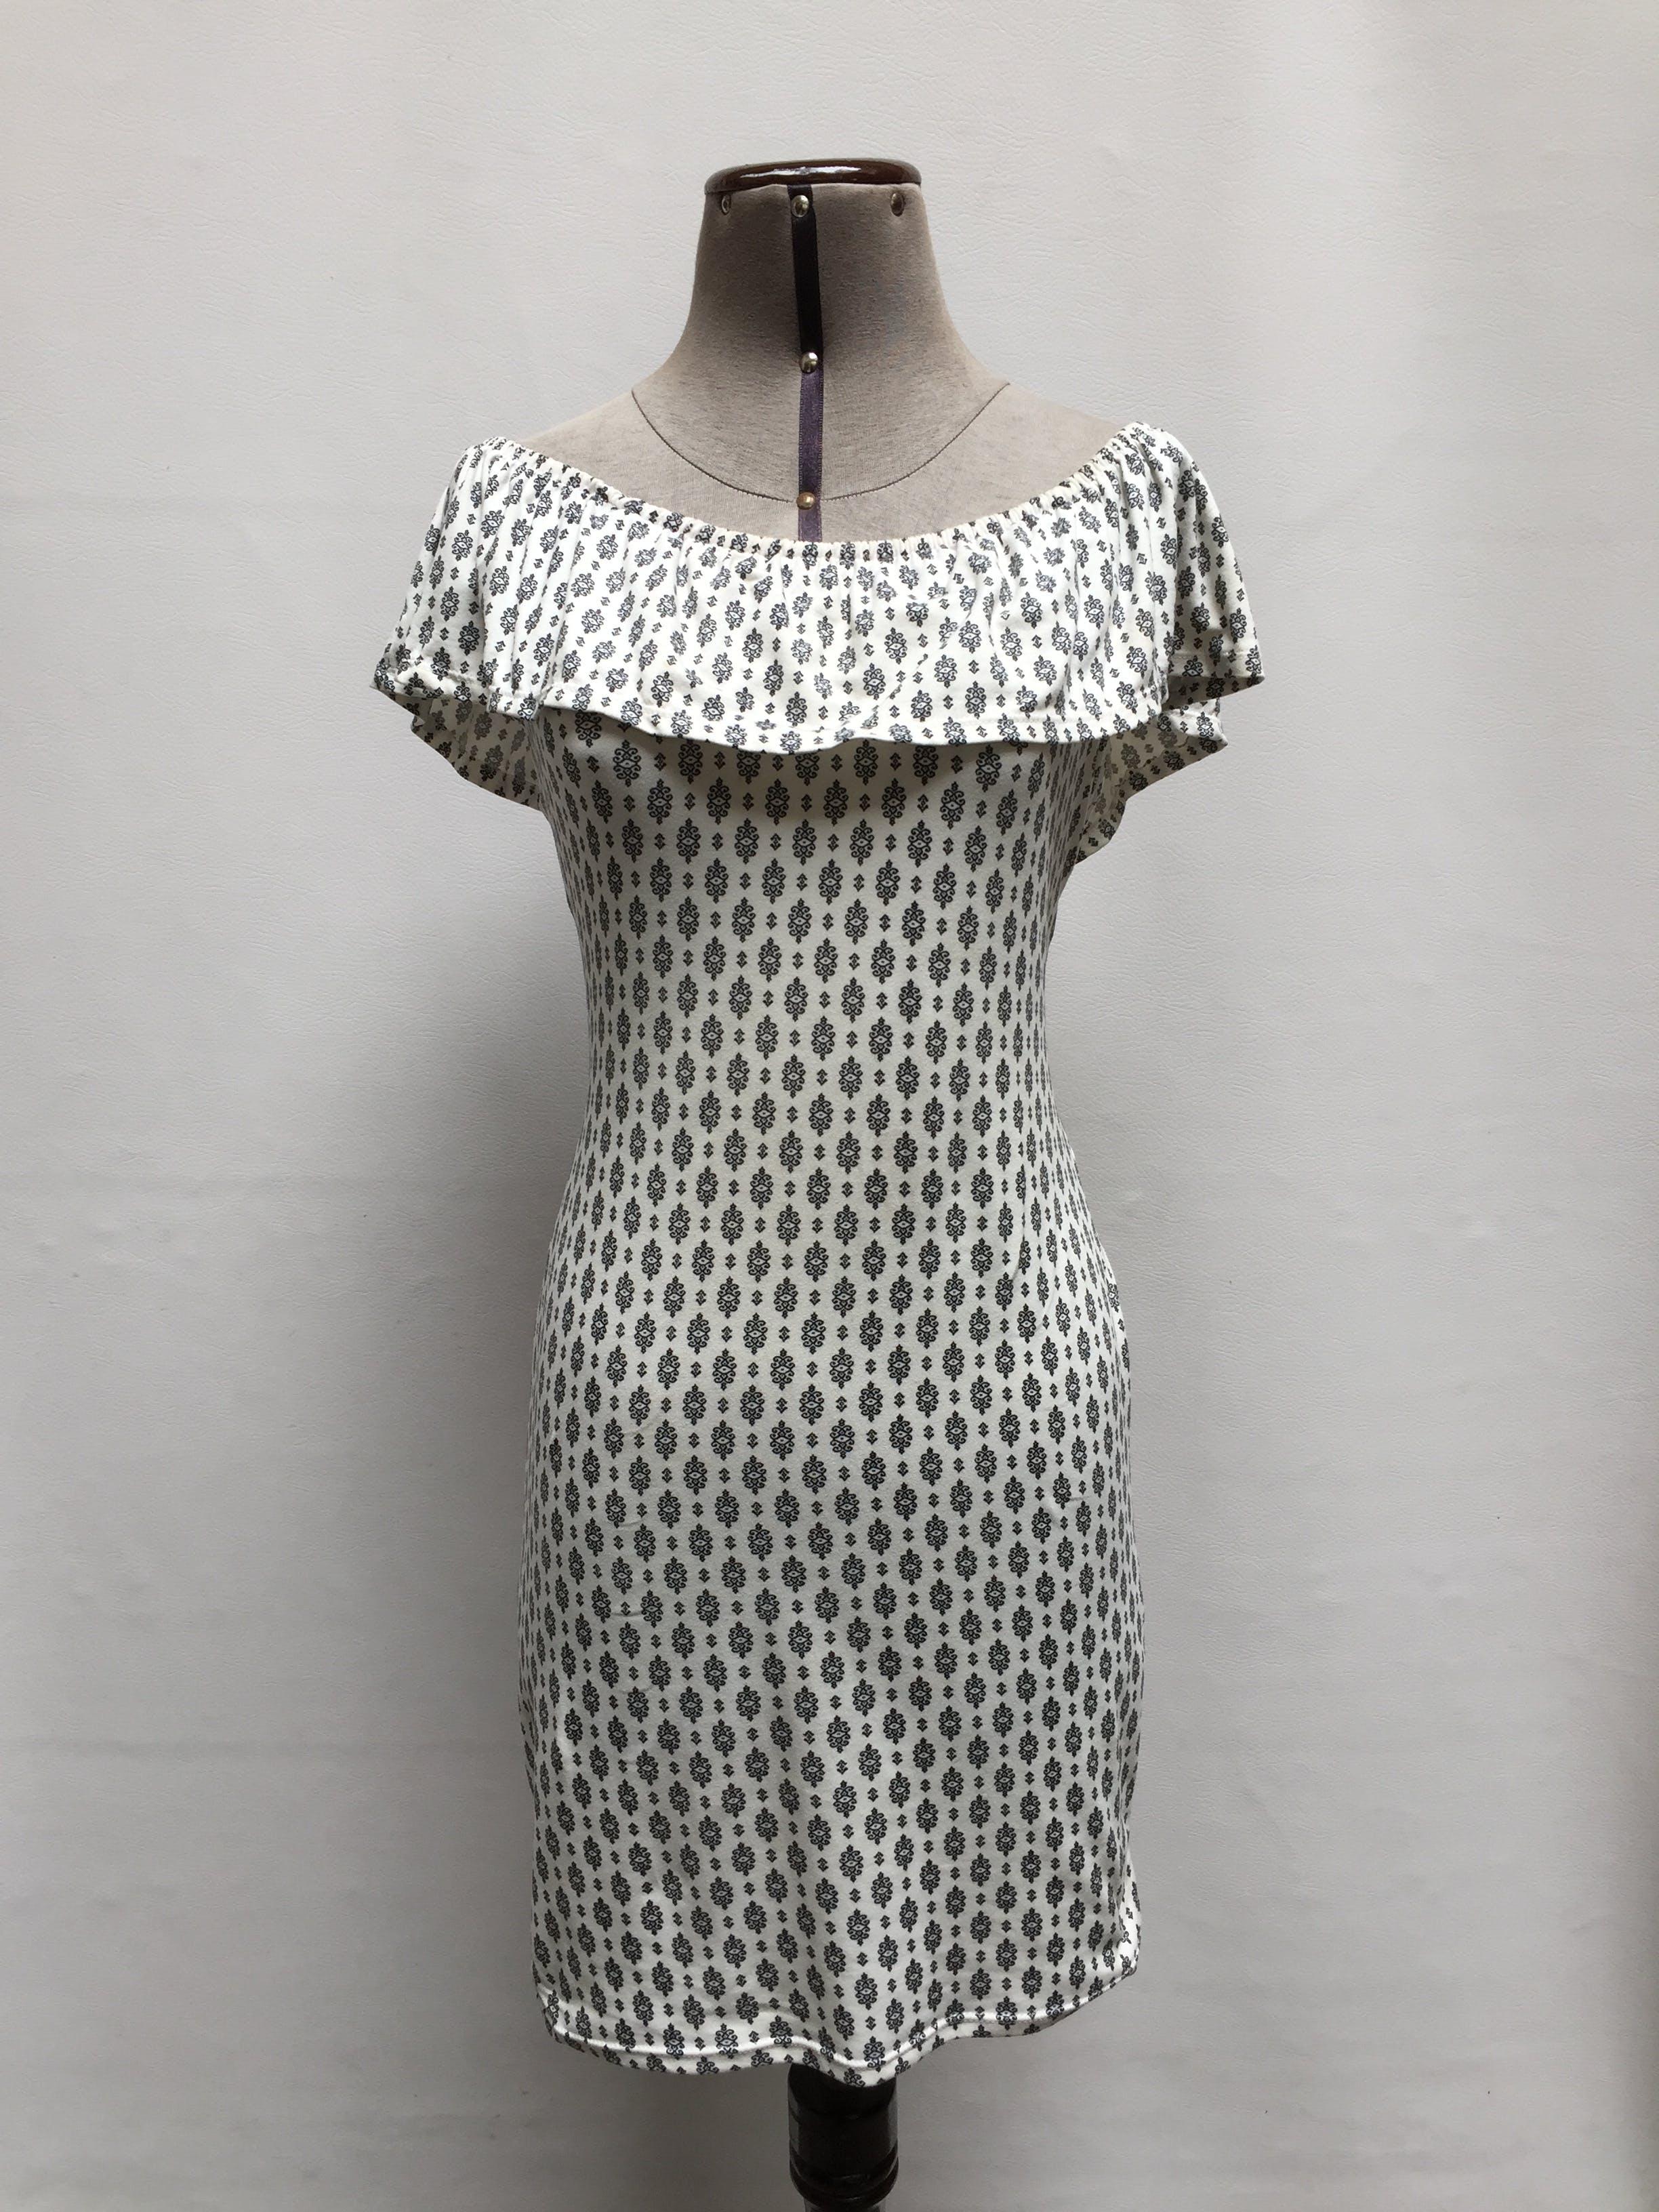 Vestido off shoulder blanco con estampado barroco negro, volante en los hombros, tela tipo algodón stretch Talla S